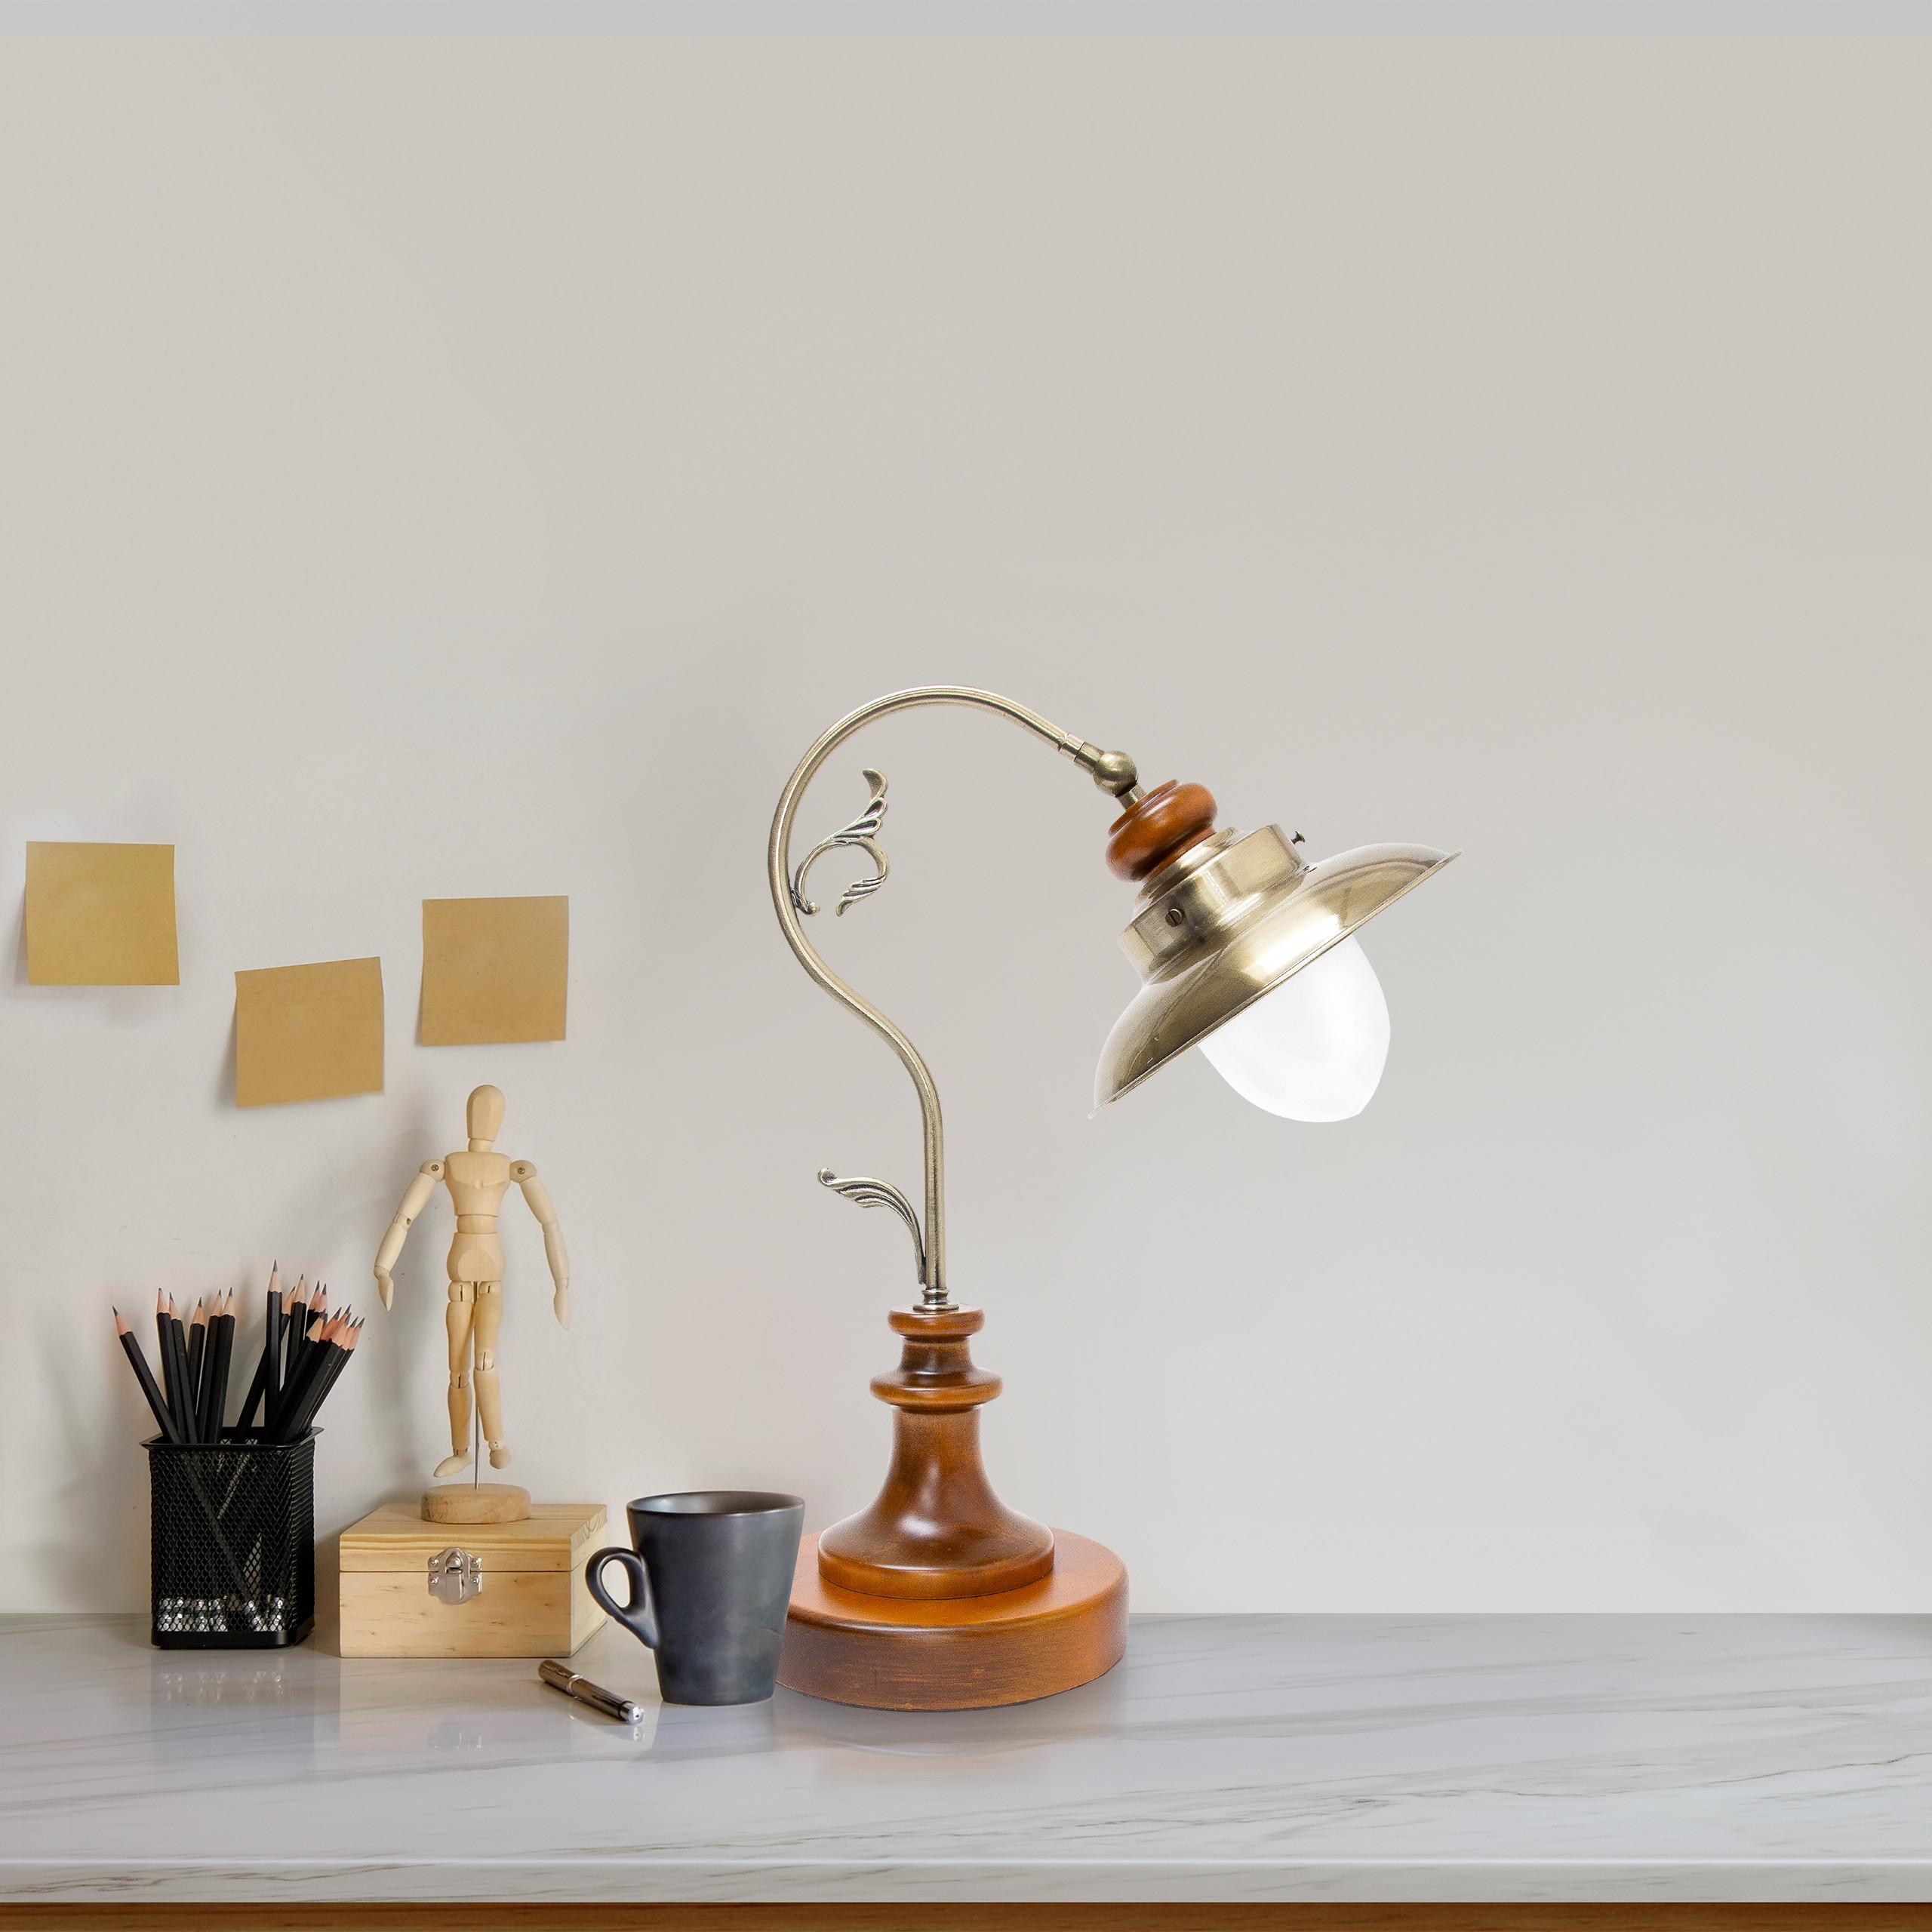 Indexbild 4 - Tischlampe Tischleuchte Schreibtischlampe Steampunk Vintage Design Retro